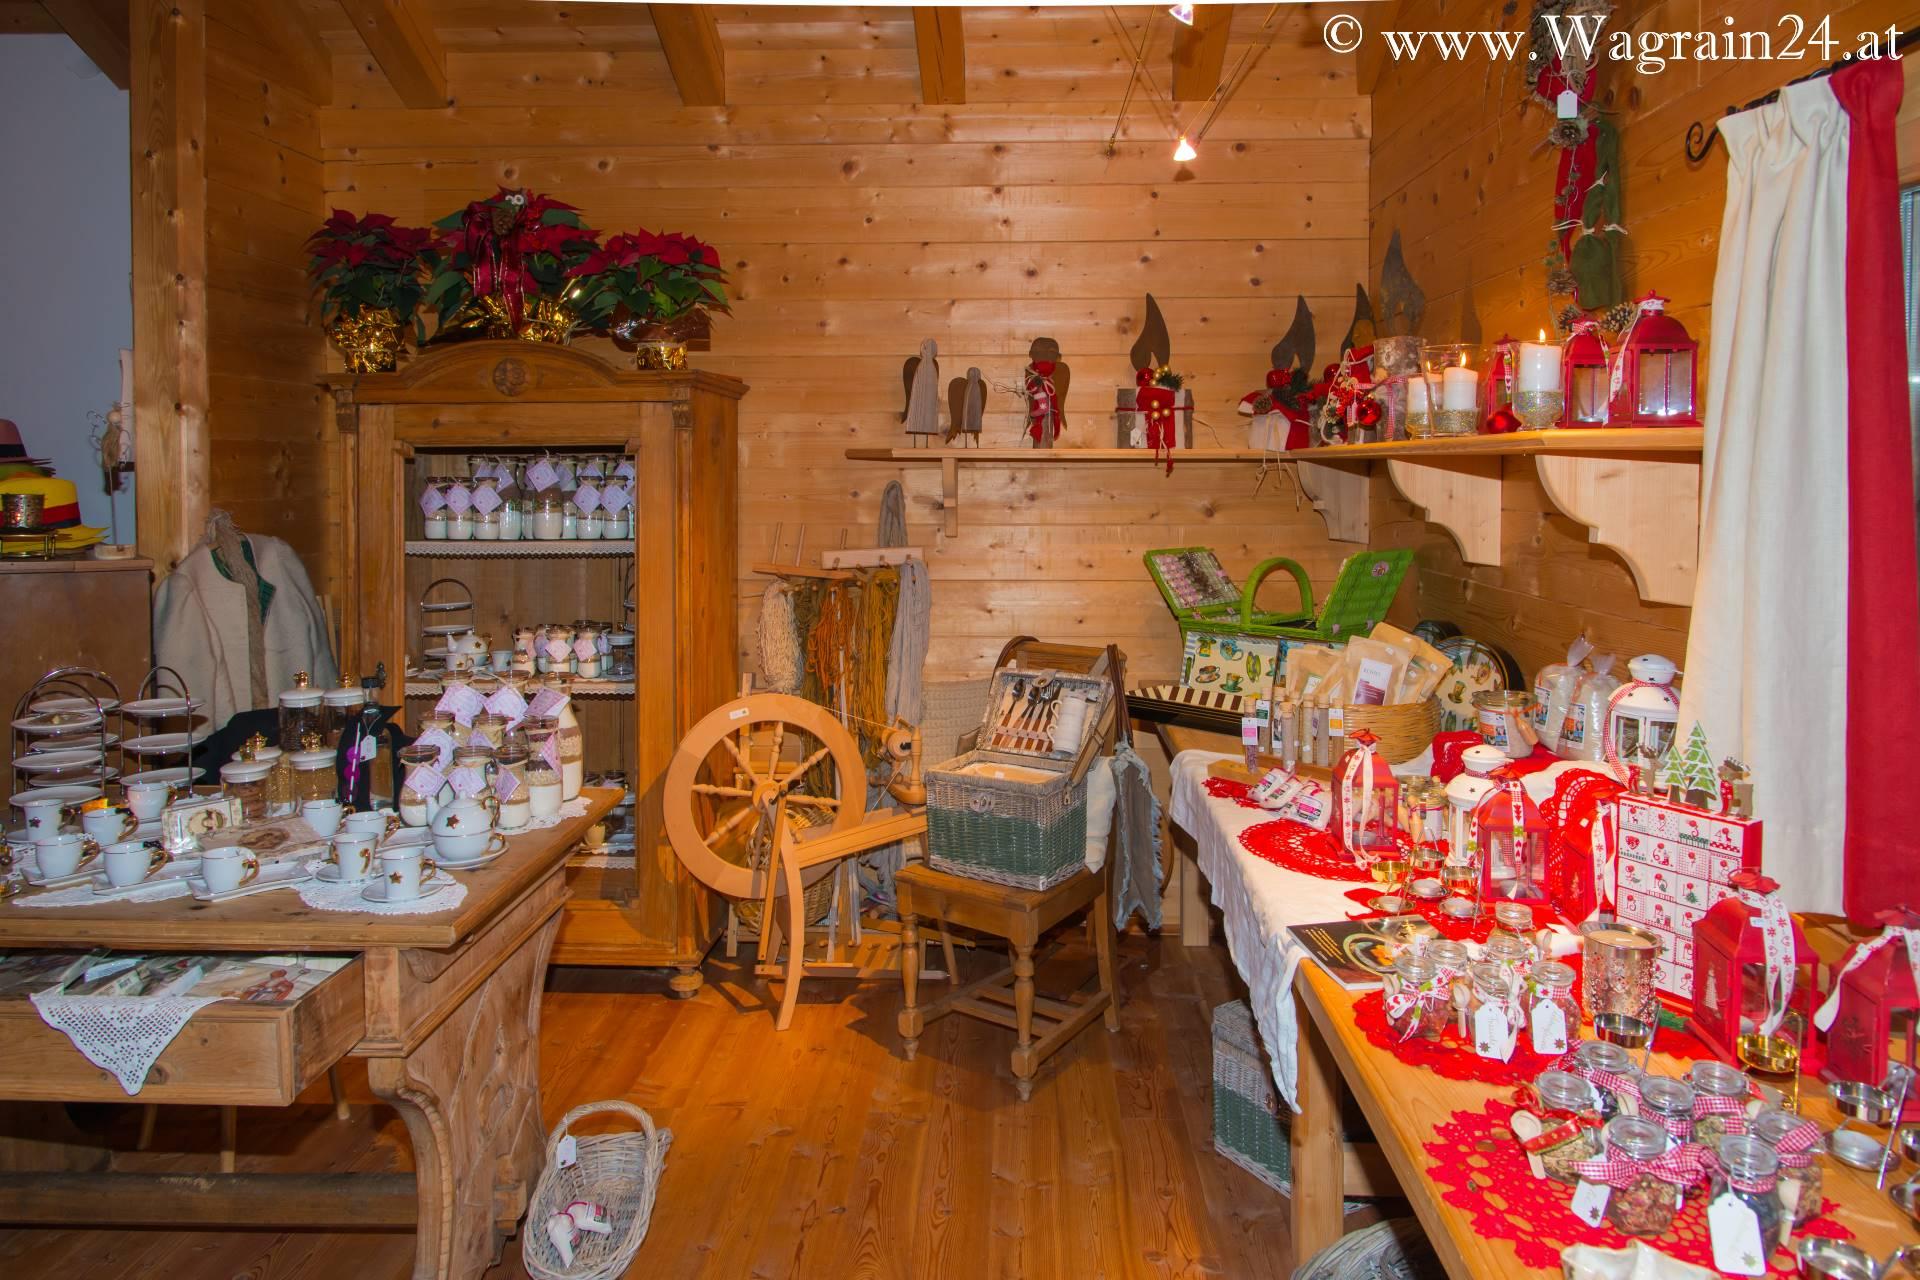 weihnachts deko markt im spinn webhaus am unterwimmhof wagrain weihnachts deko markt 2014. Black Bedroom Furniture Sets. Home Design Ideas